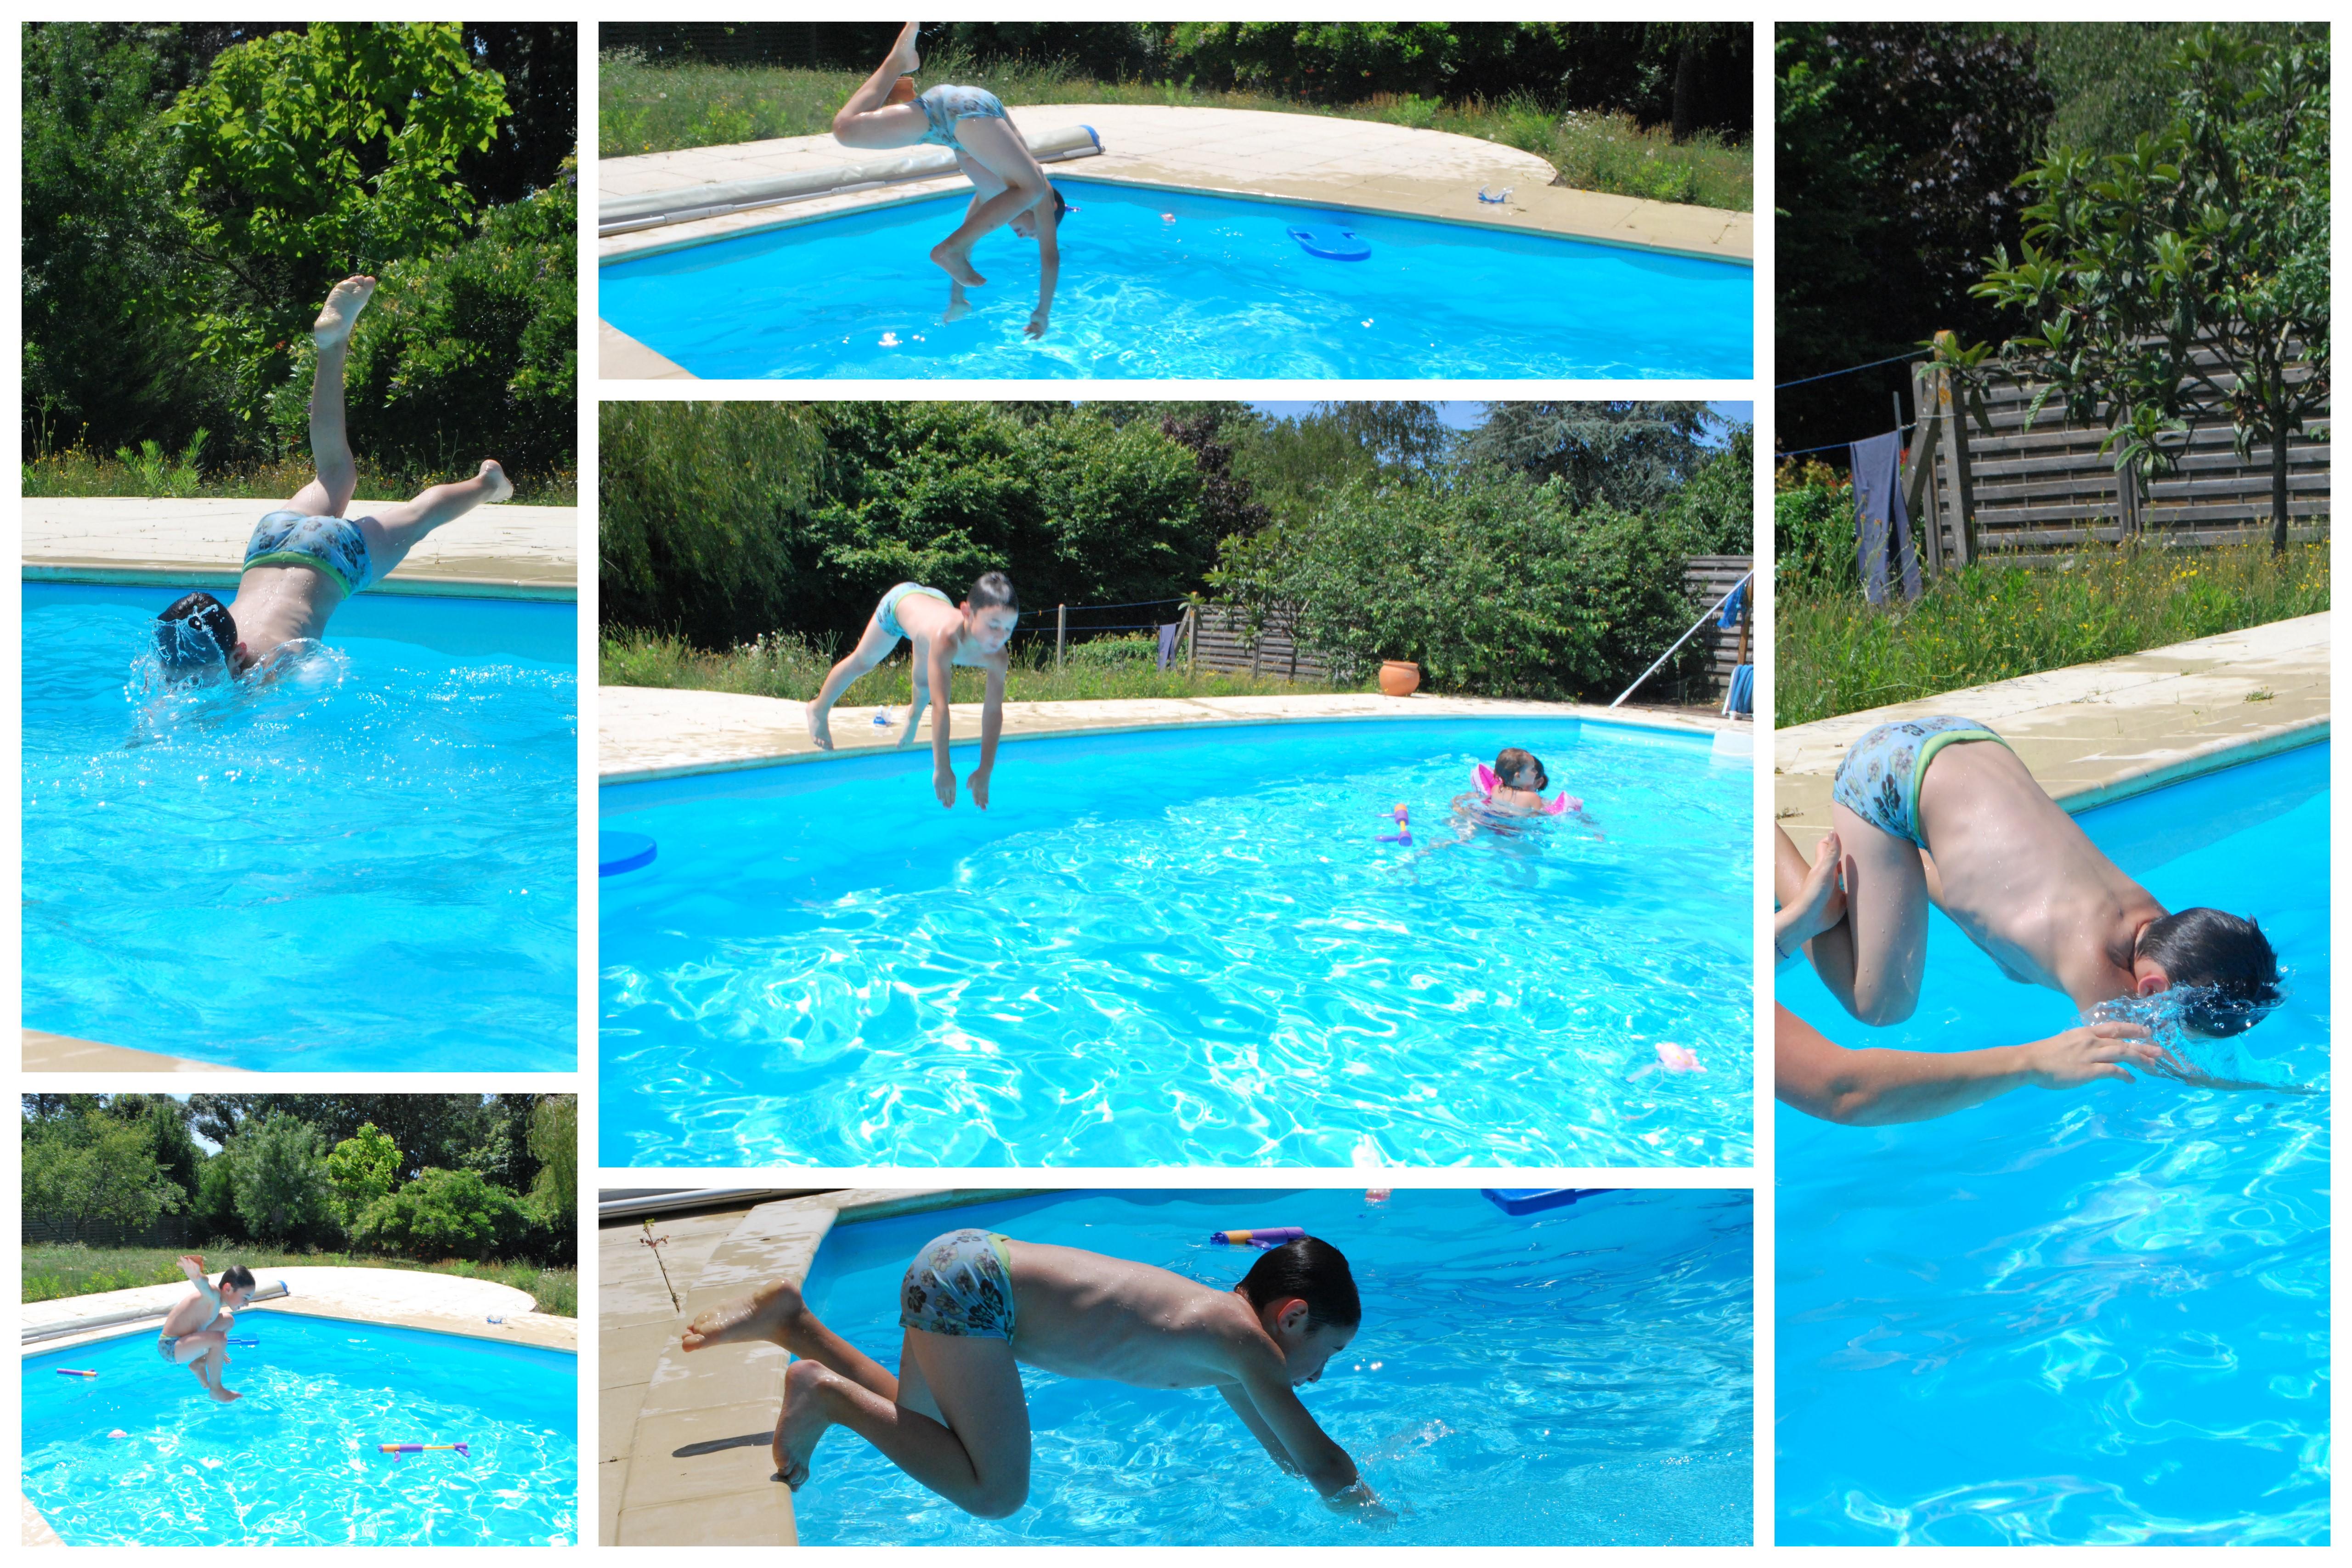 Fl ner au bord de la piscine tiny la souris for Au bord de la piscine